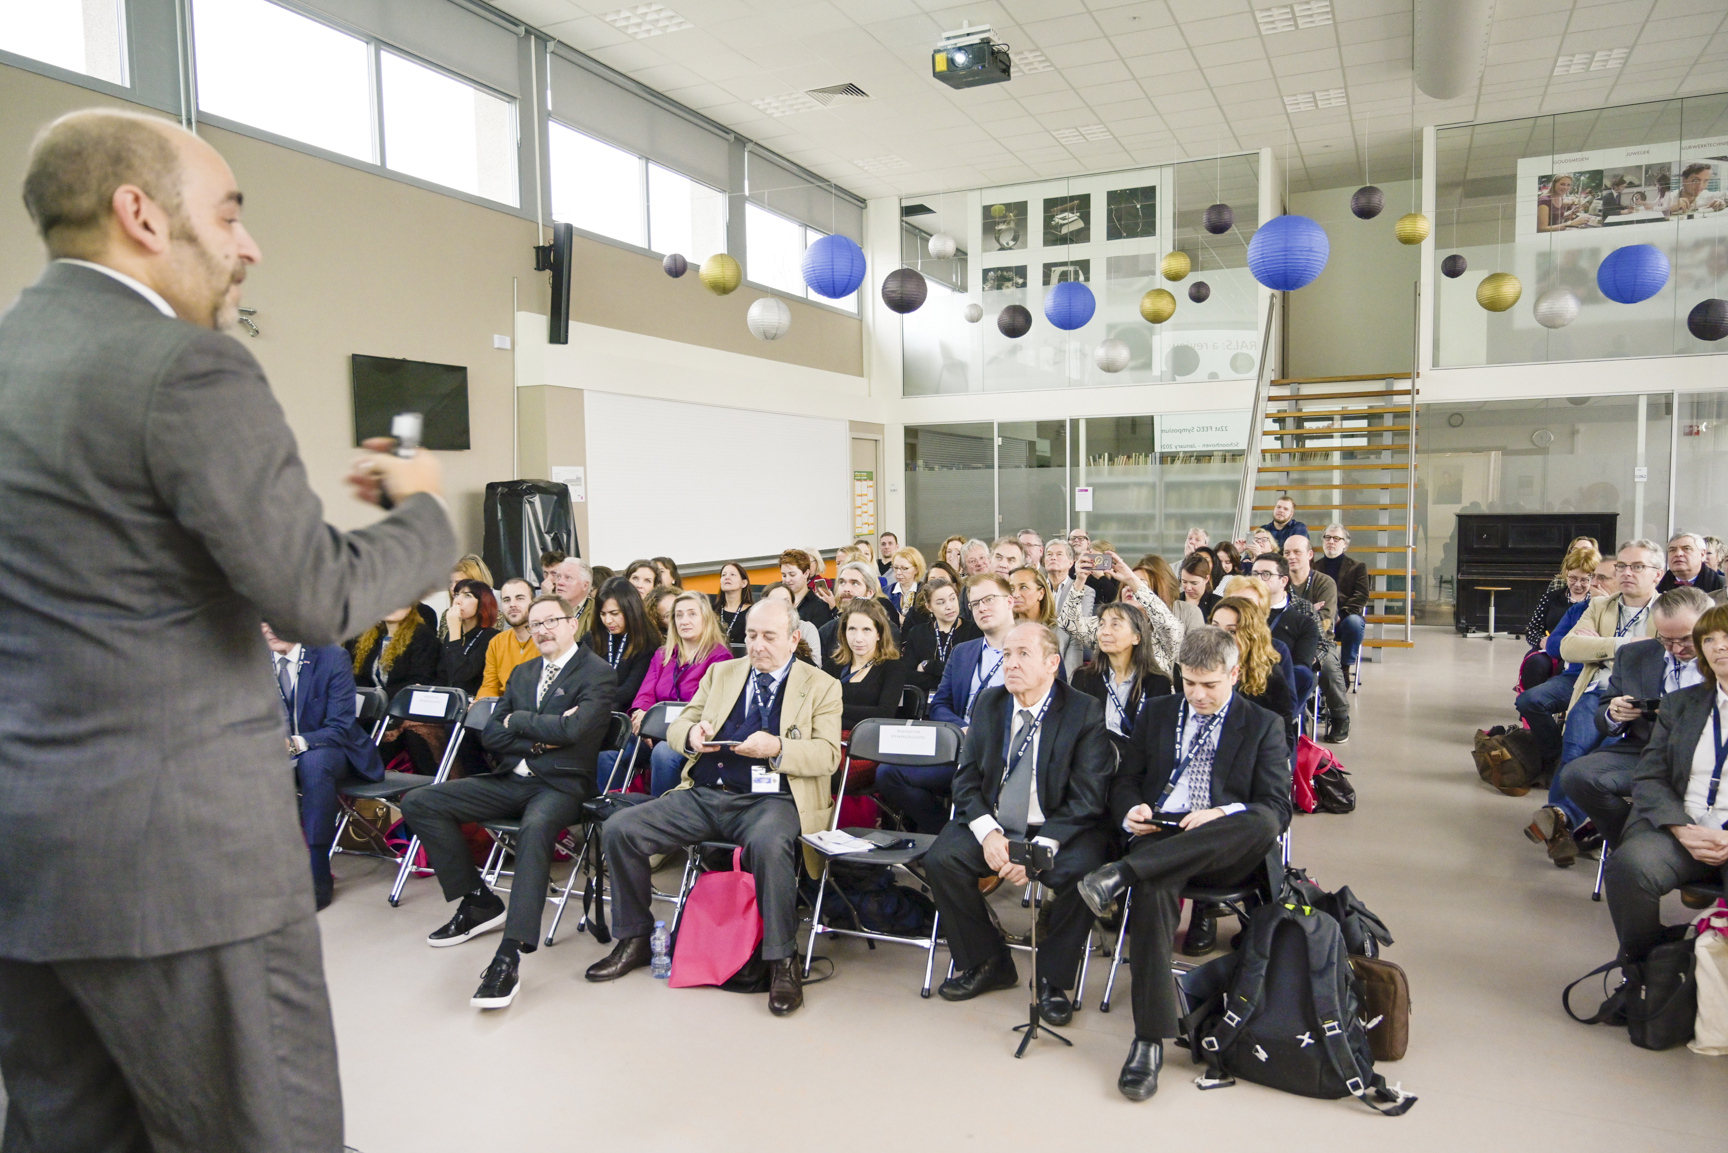 Schoonhoven verwelkomt tientallen gemmologen